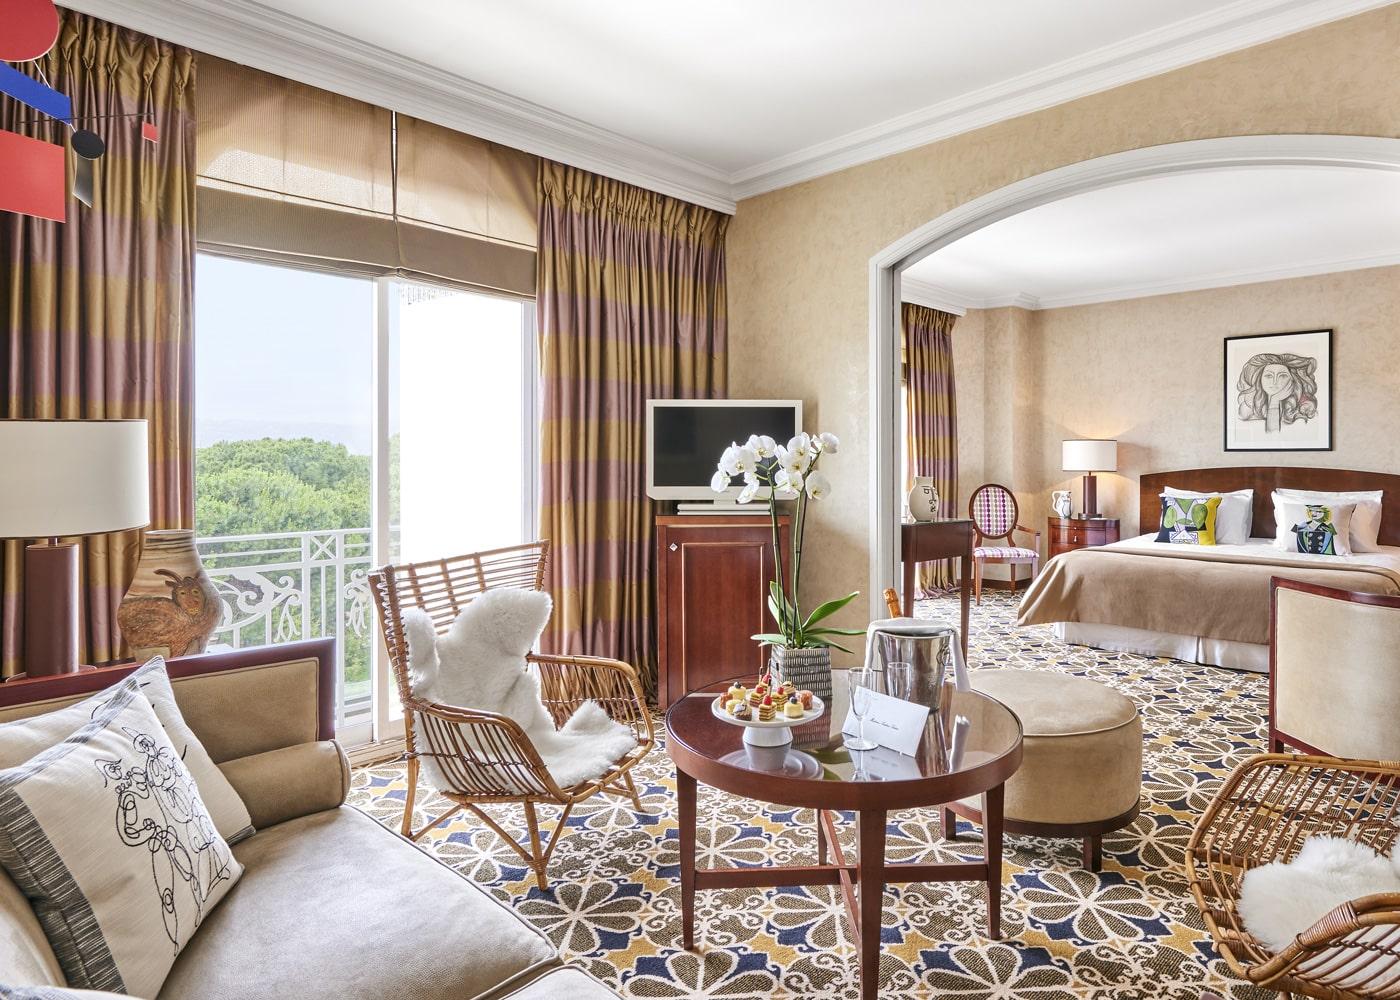 deconfinez-moi-ici-#6-Hotel-Juana-chambre-suite-vue